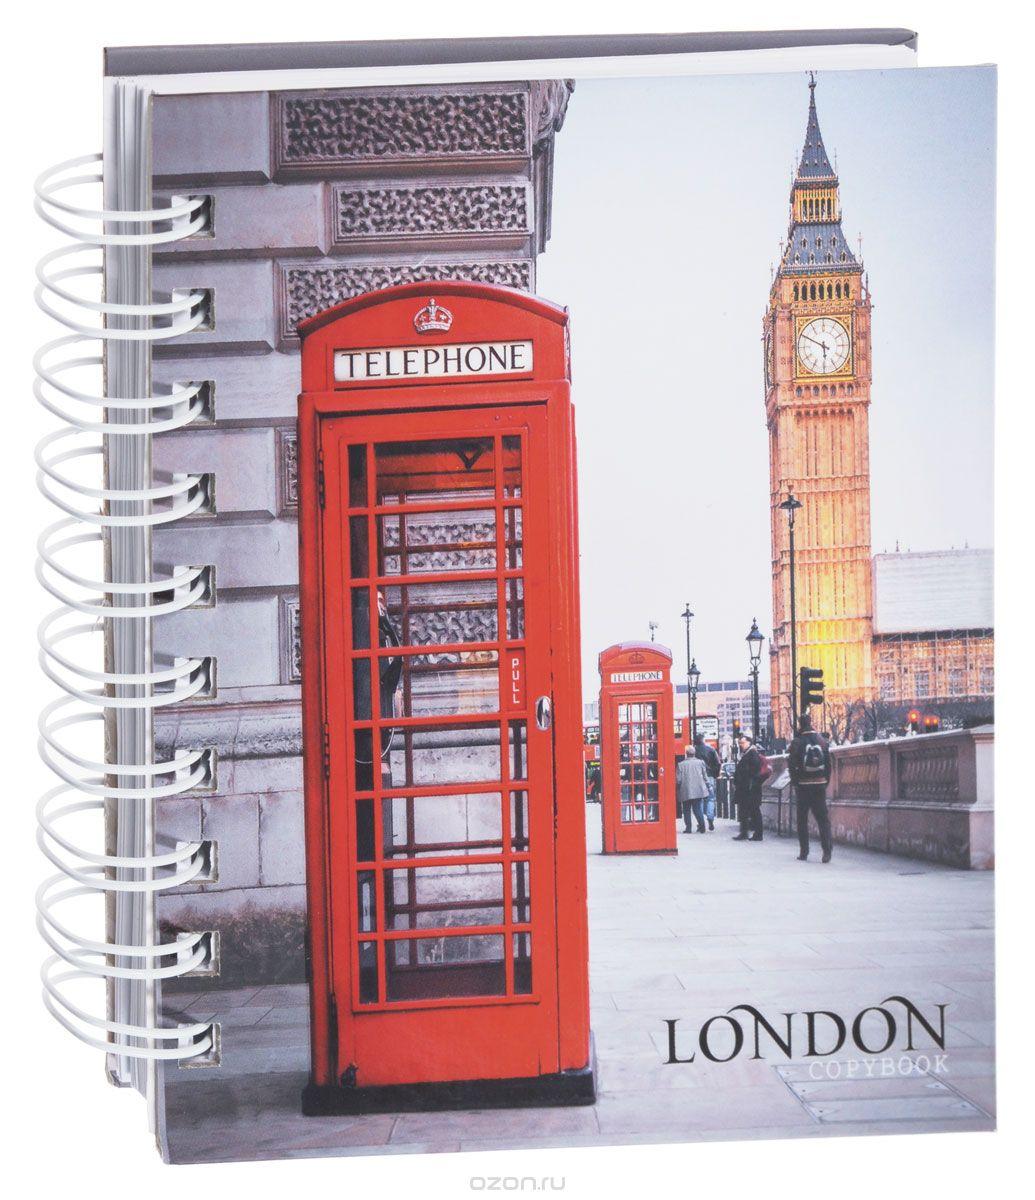 Listoff Тетрадь Лондонский пейзаж 180 листов в клеткуТСЛ61804875Тетрадь Listoff Лондонский пейзаж подойдет как школьнику, так и студенту. Обложка тетради выполнена из прочного картона и оформлена изображением улицы Лондона с видом на Биг-Бен.Внутренний блок тетради на гребне состоит из 180 листов белой бумаги с линовкой в клетку.